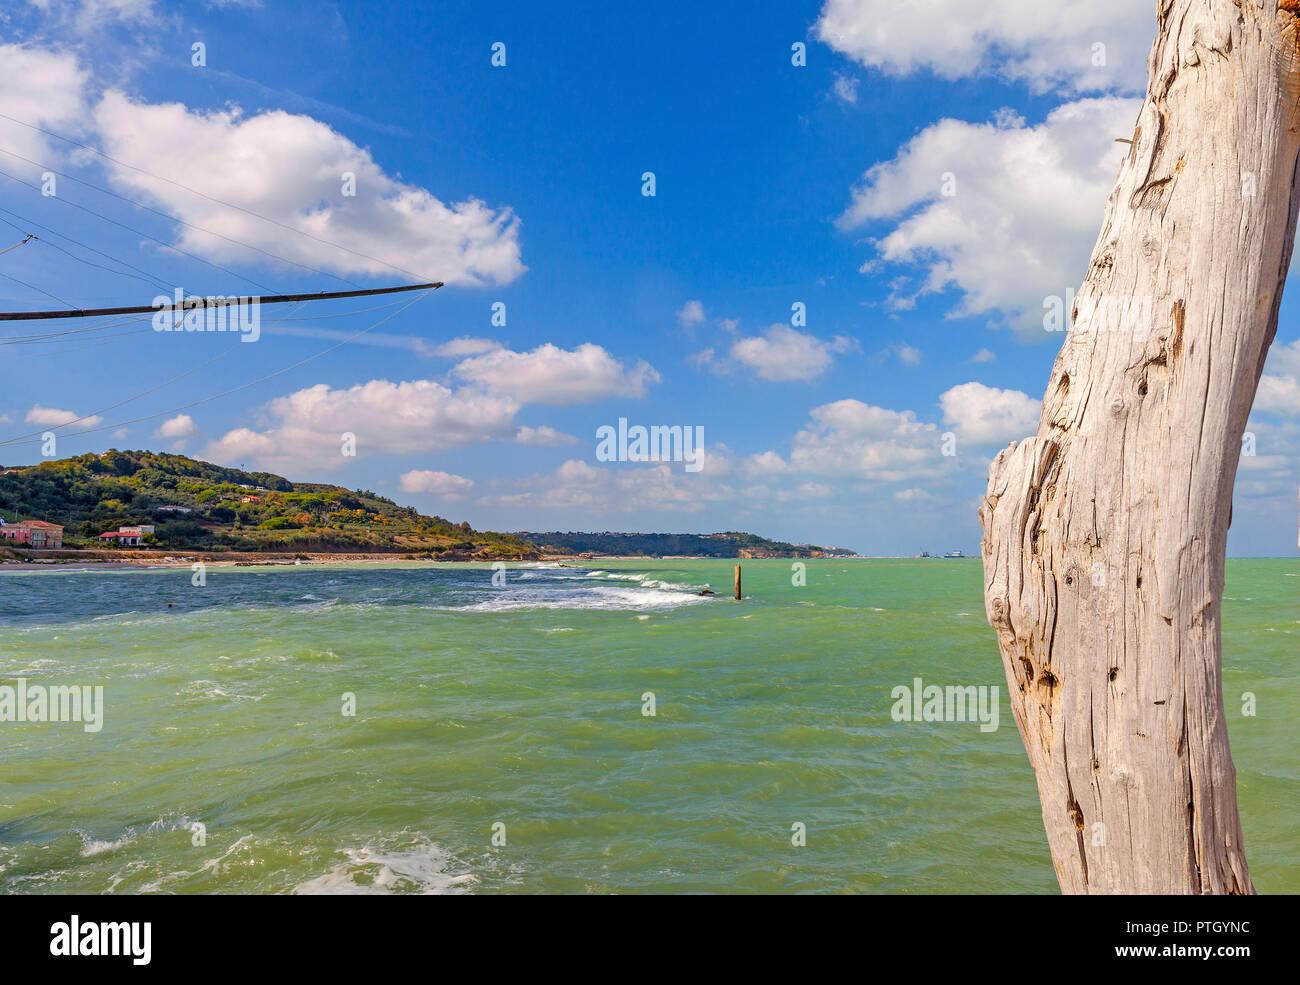 Landscape at San Vito Ciento, Adriatic Sea coast  in the province of Chieti in the Abruzzo region of central Italy - Stock Image